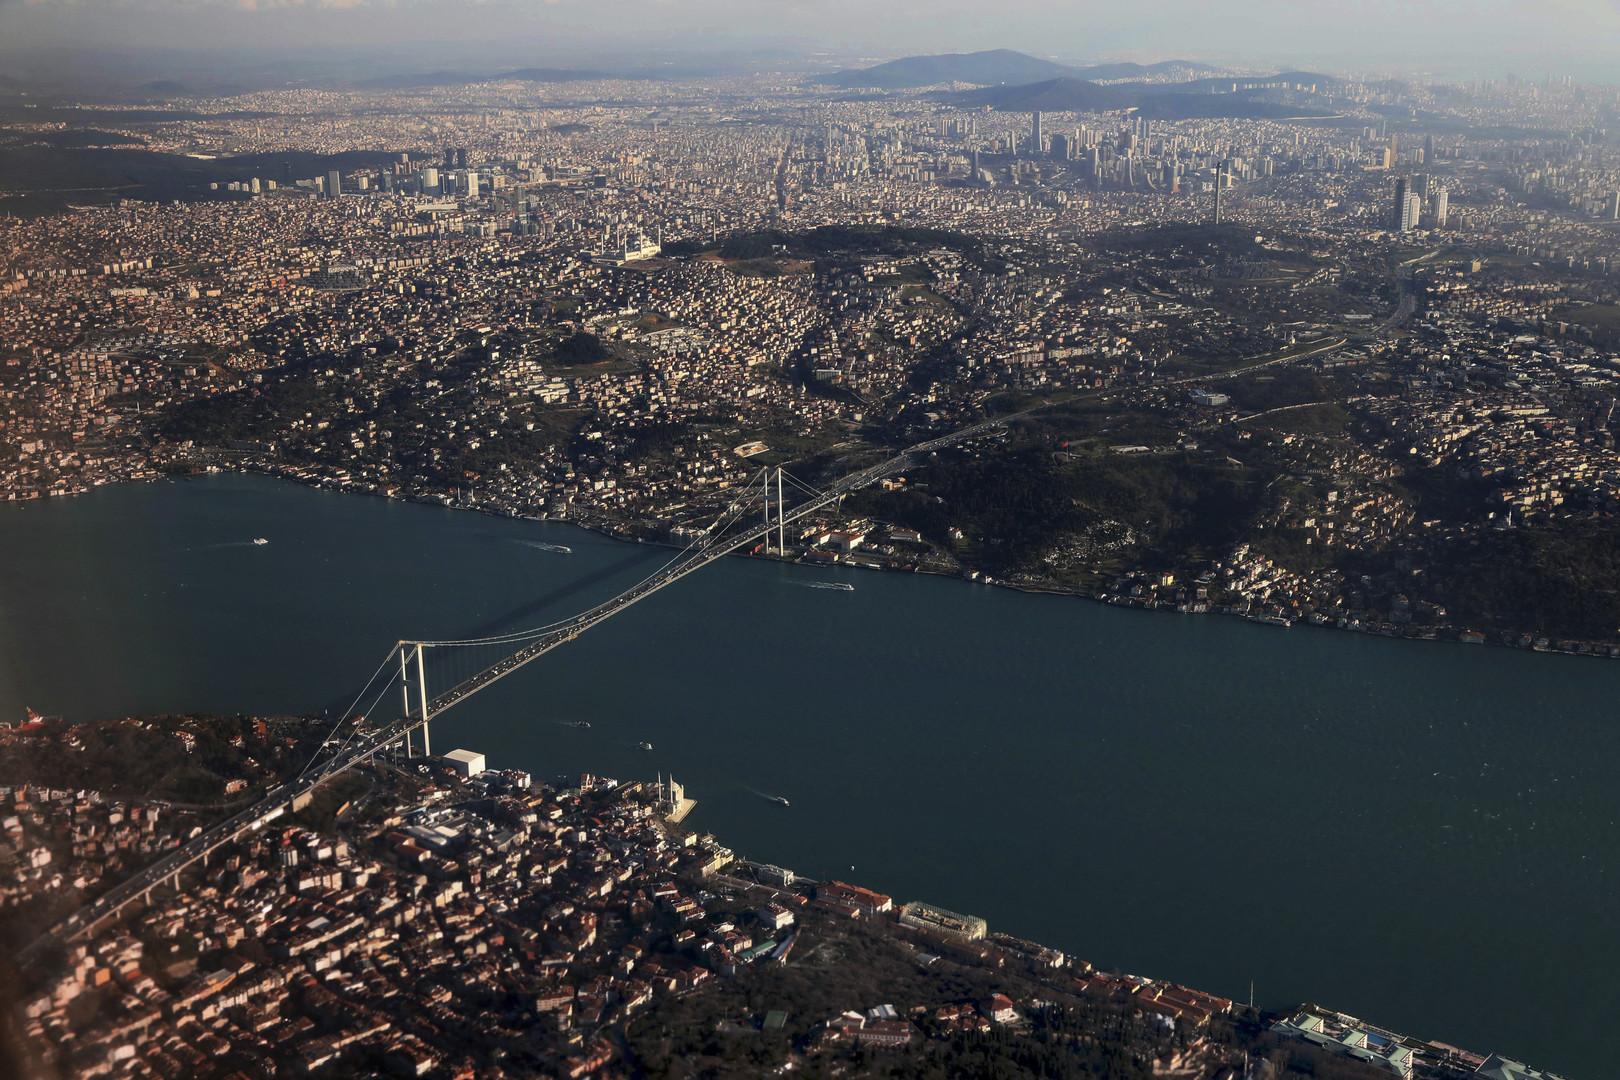 السعودية تصدر تنبيها لمواطنيها في تركيا